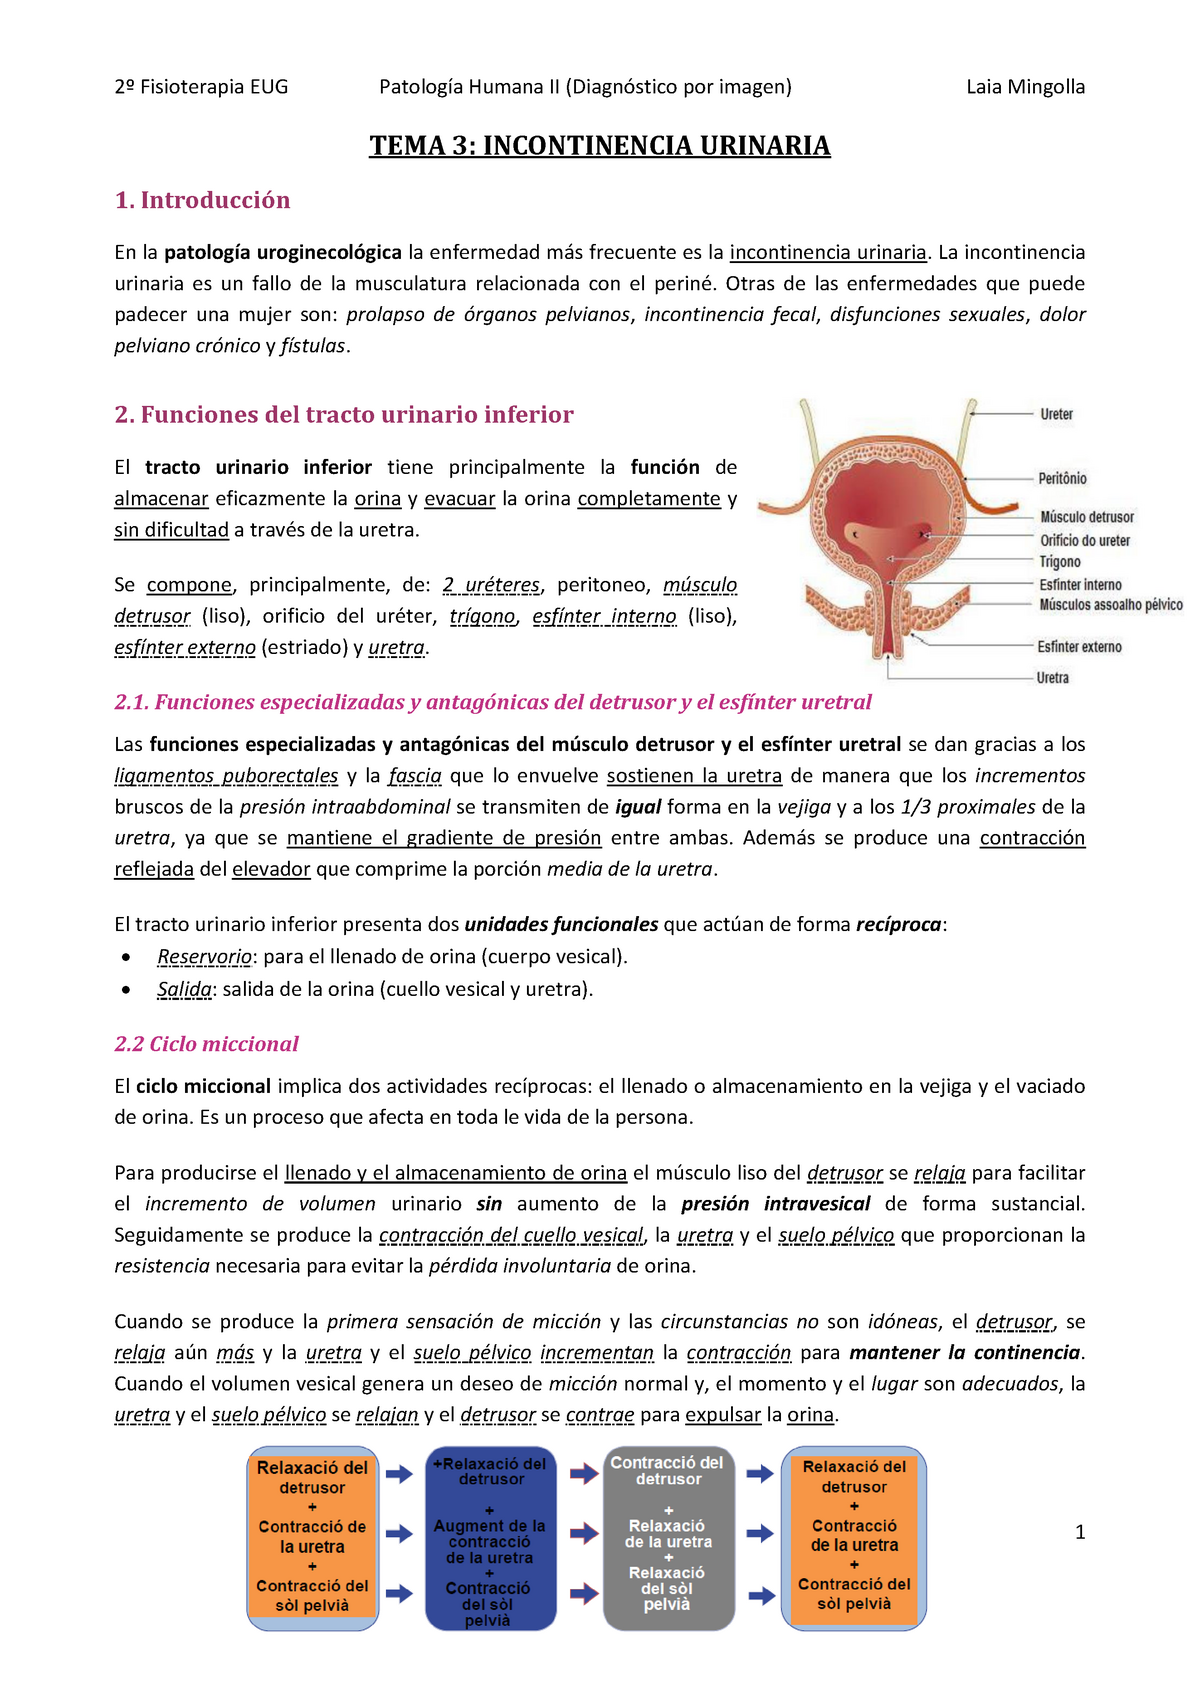 frecuencia frecuente de micción en diahria urinaria